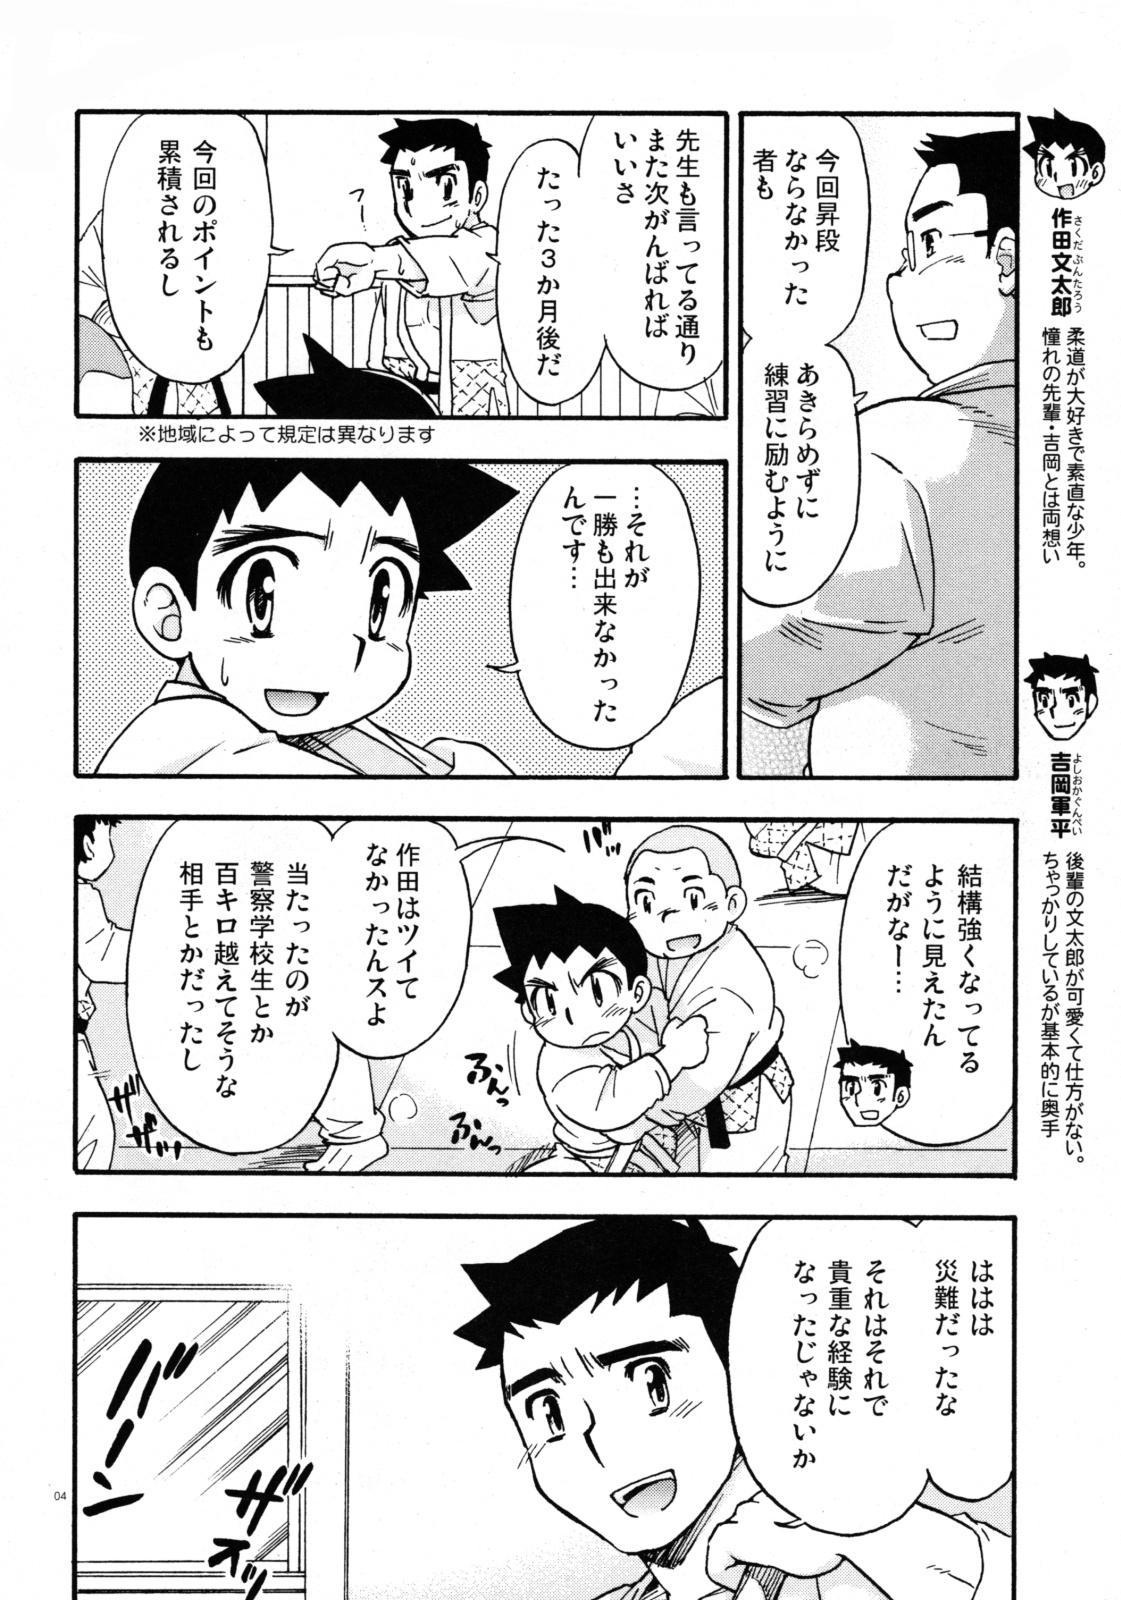 Tachibana Momoya - Yawaramichi GoGo 2